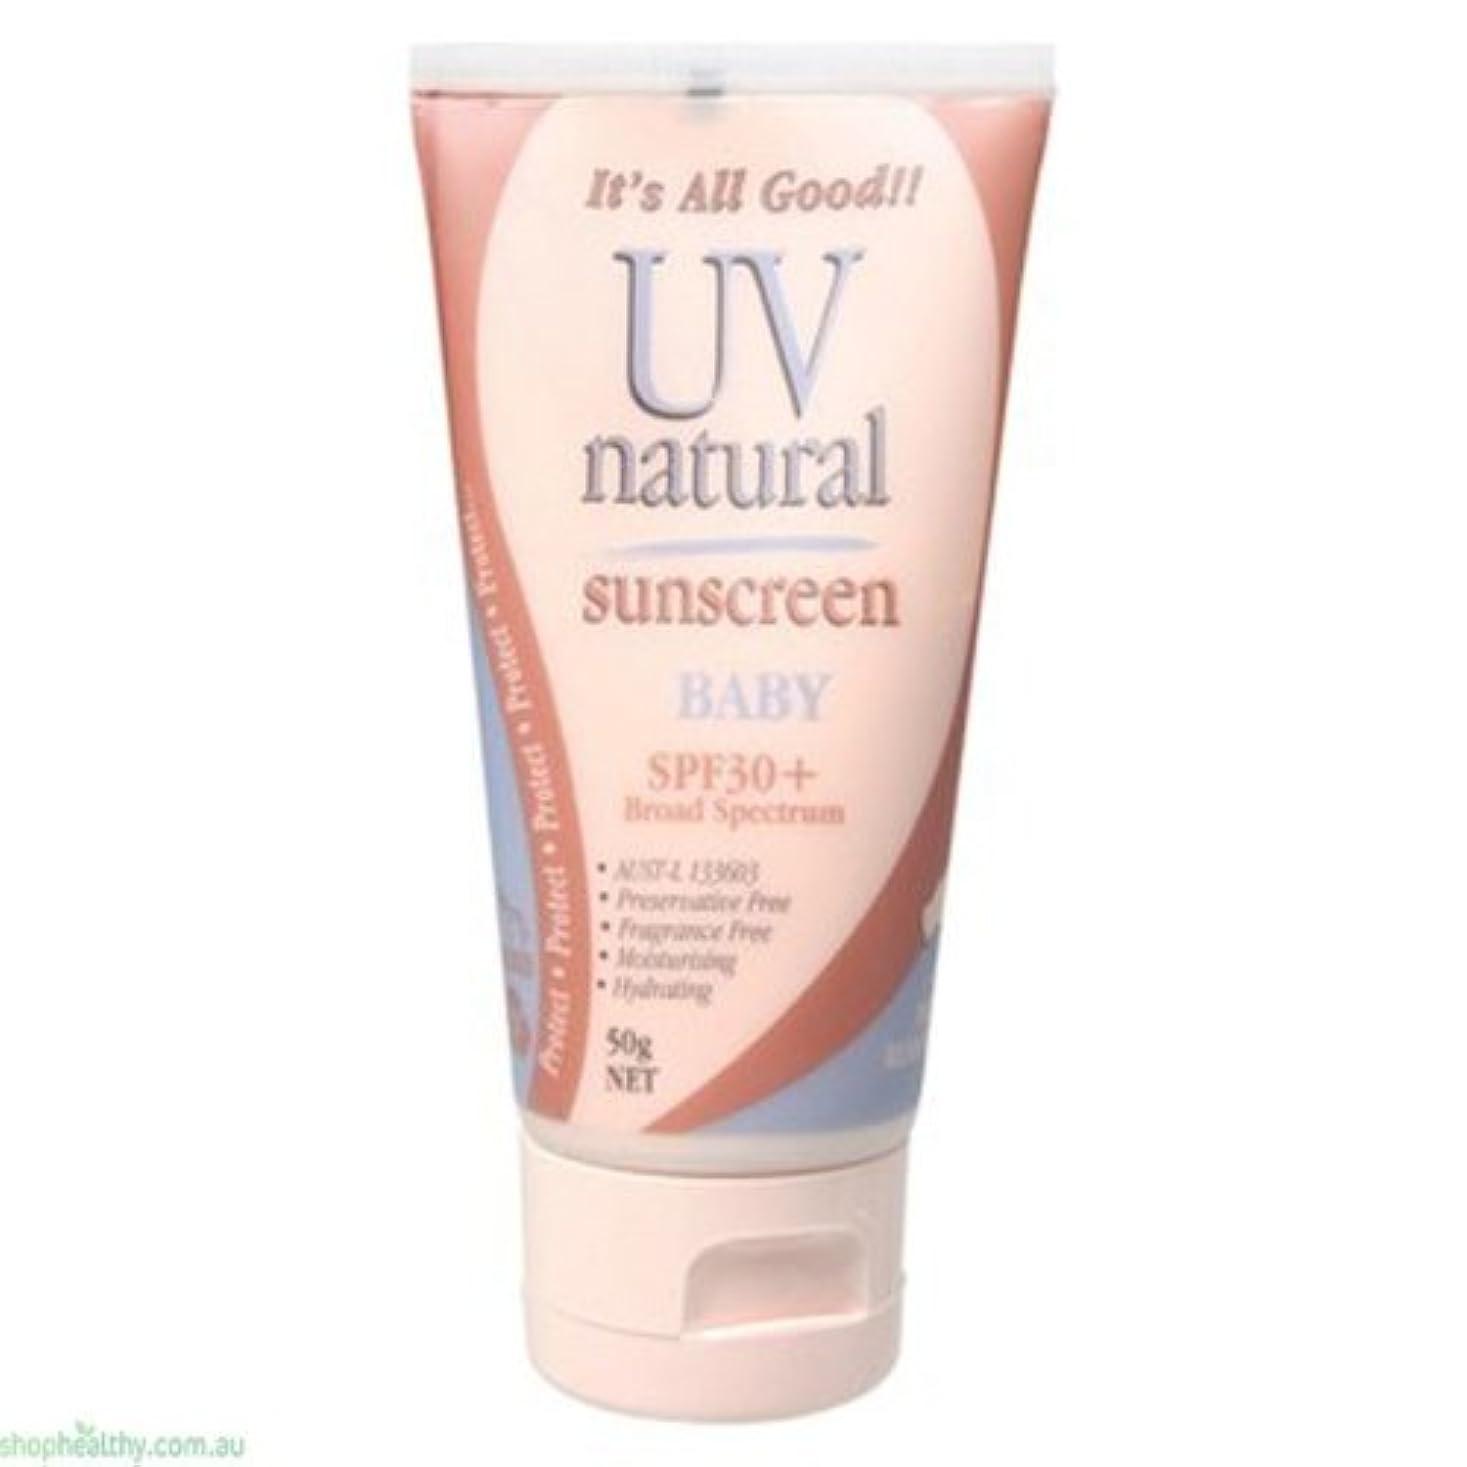 飛行機の前でレイア【UV NATURAL】Baby 日焼け止め Natural SPF30+ 50g 3本セット